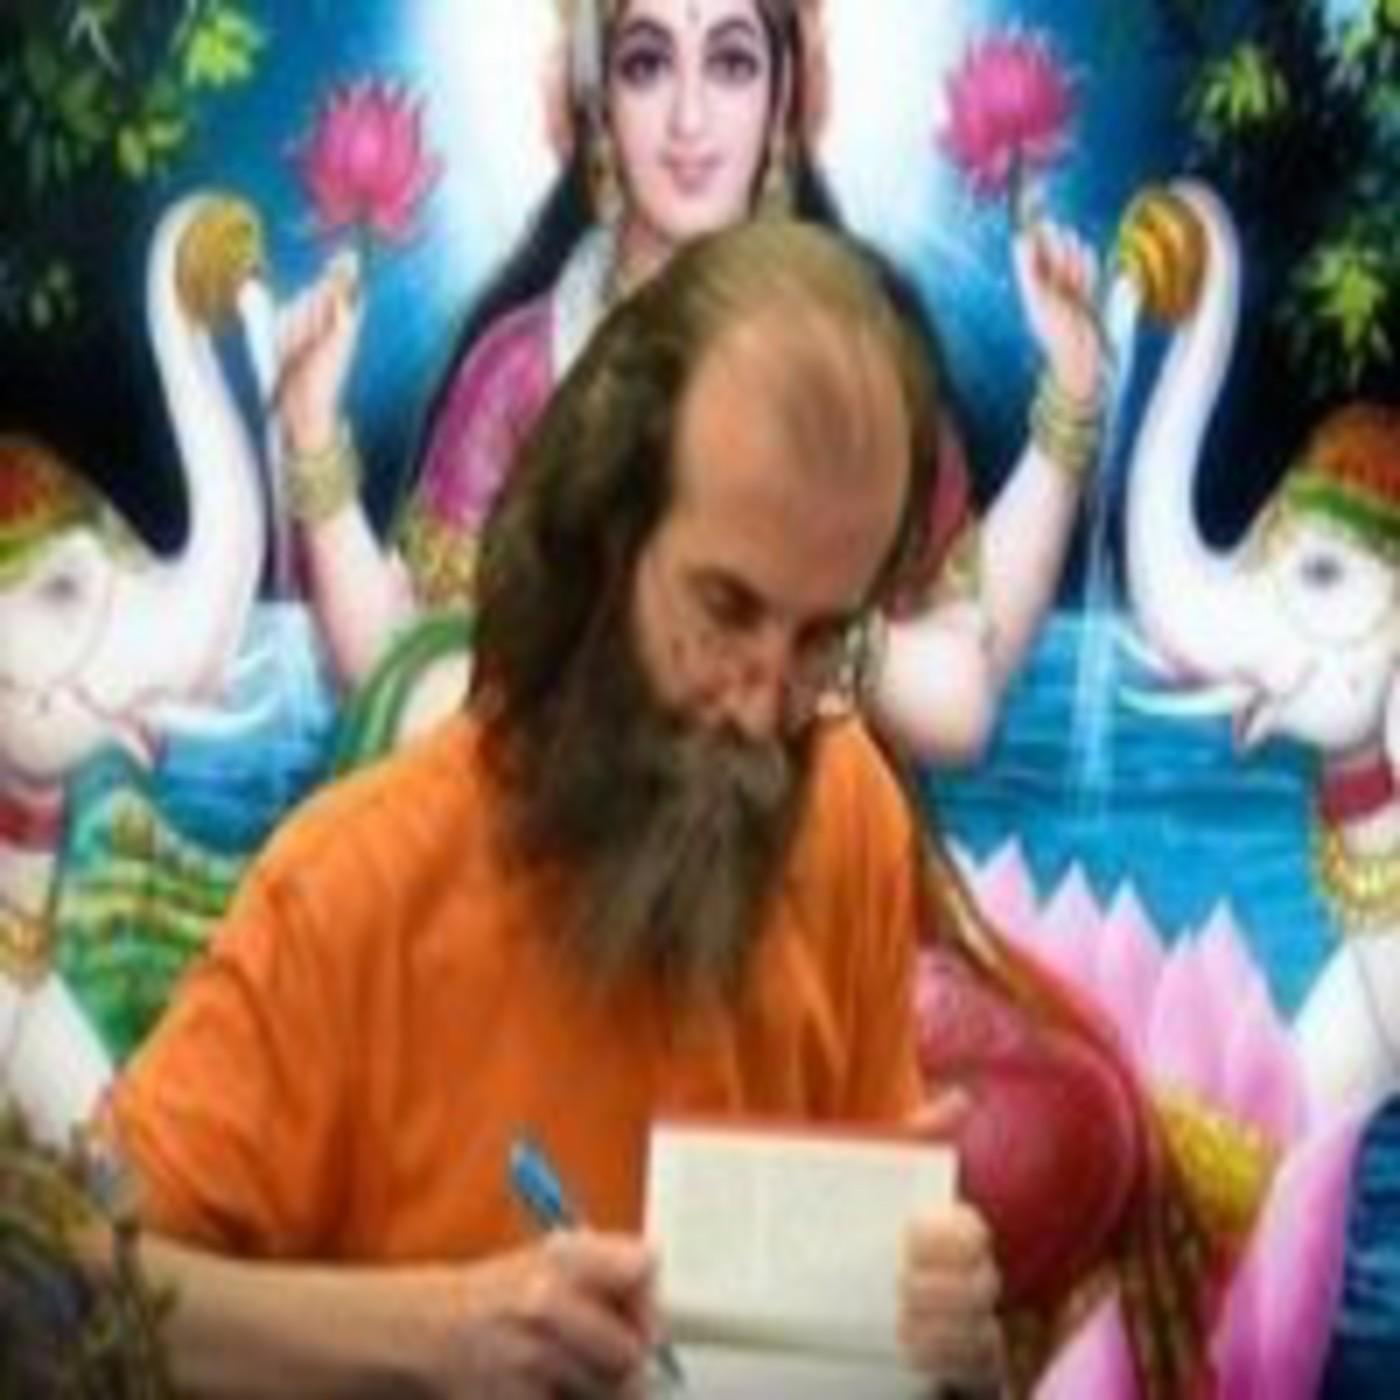 Swami Satyananda Saraswati, autor de 'El hinduismo' entrevistado en